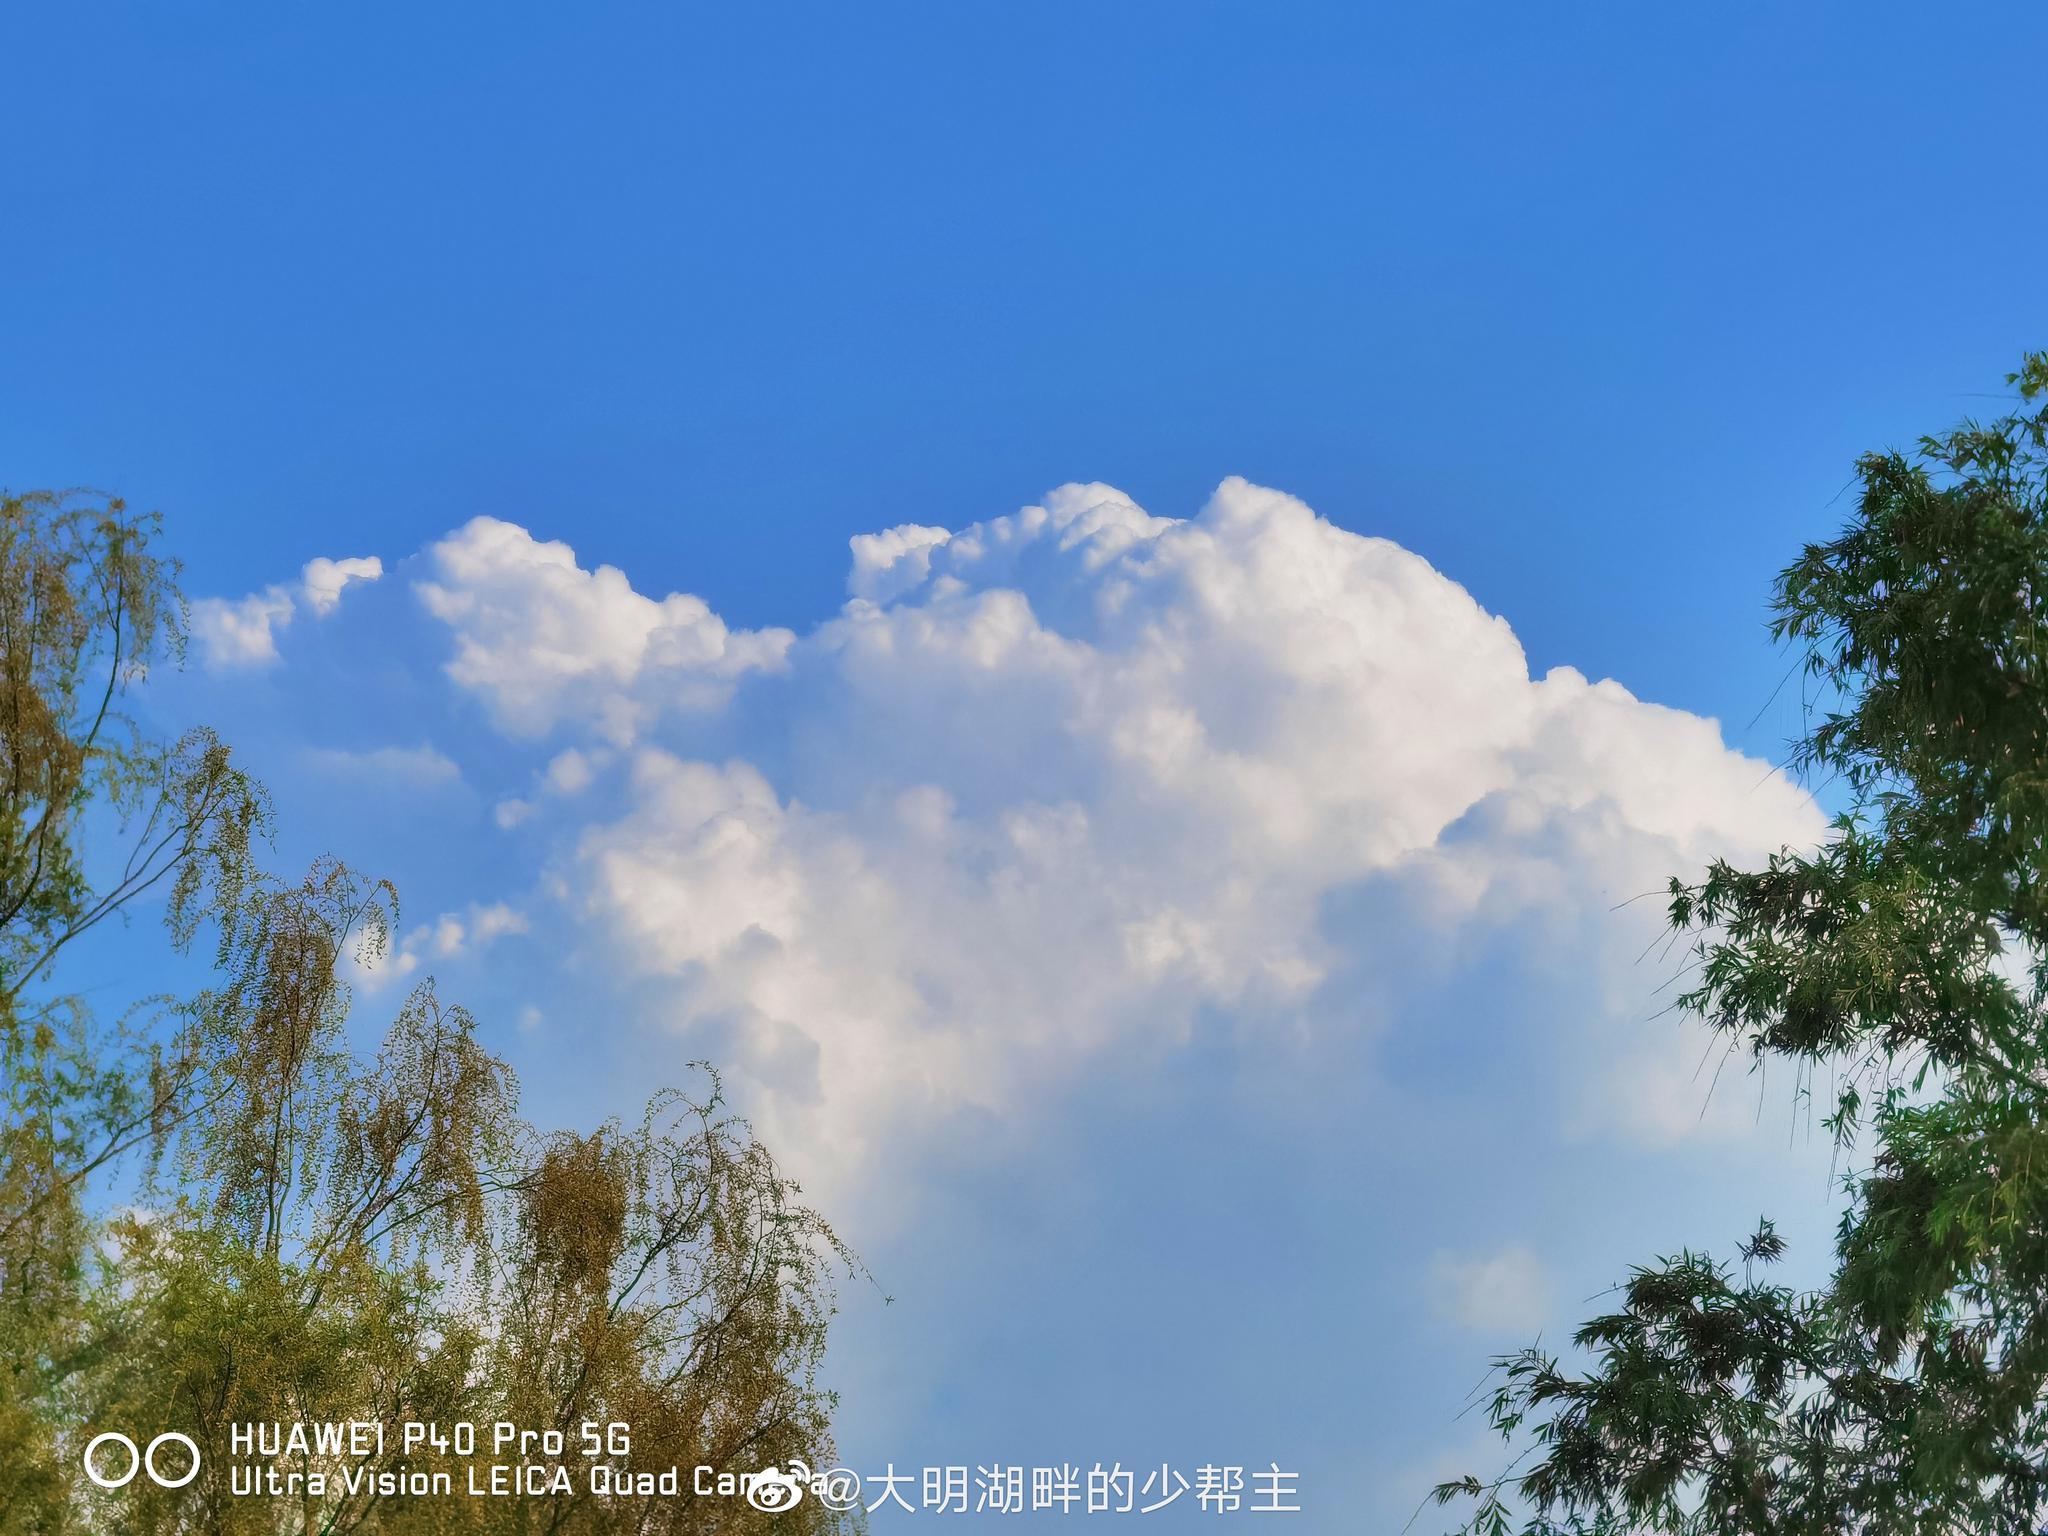 今日份大明湖送你一份棉花糖近日济南迎来好天气大明湖的蓝天白云